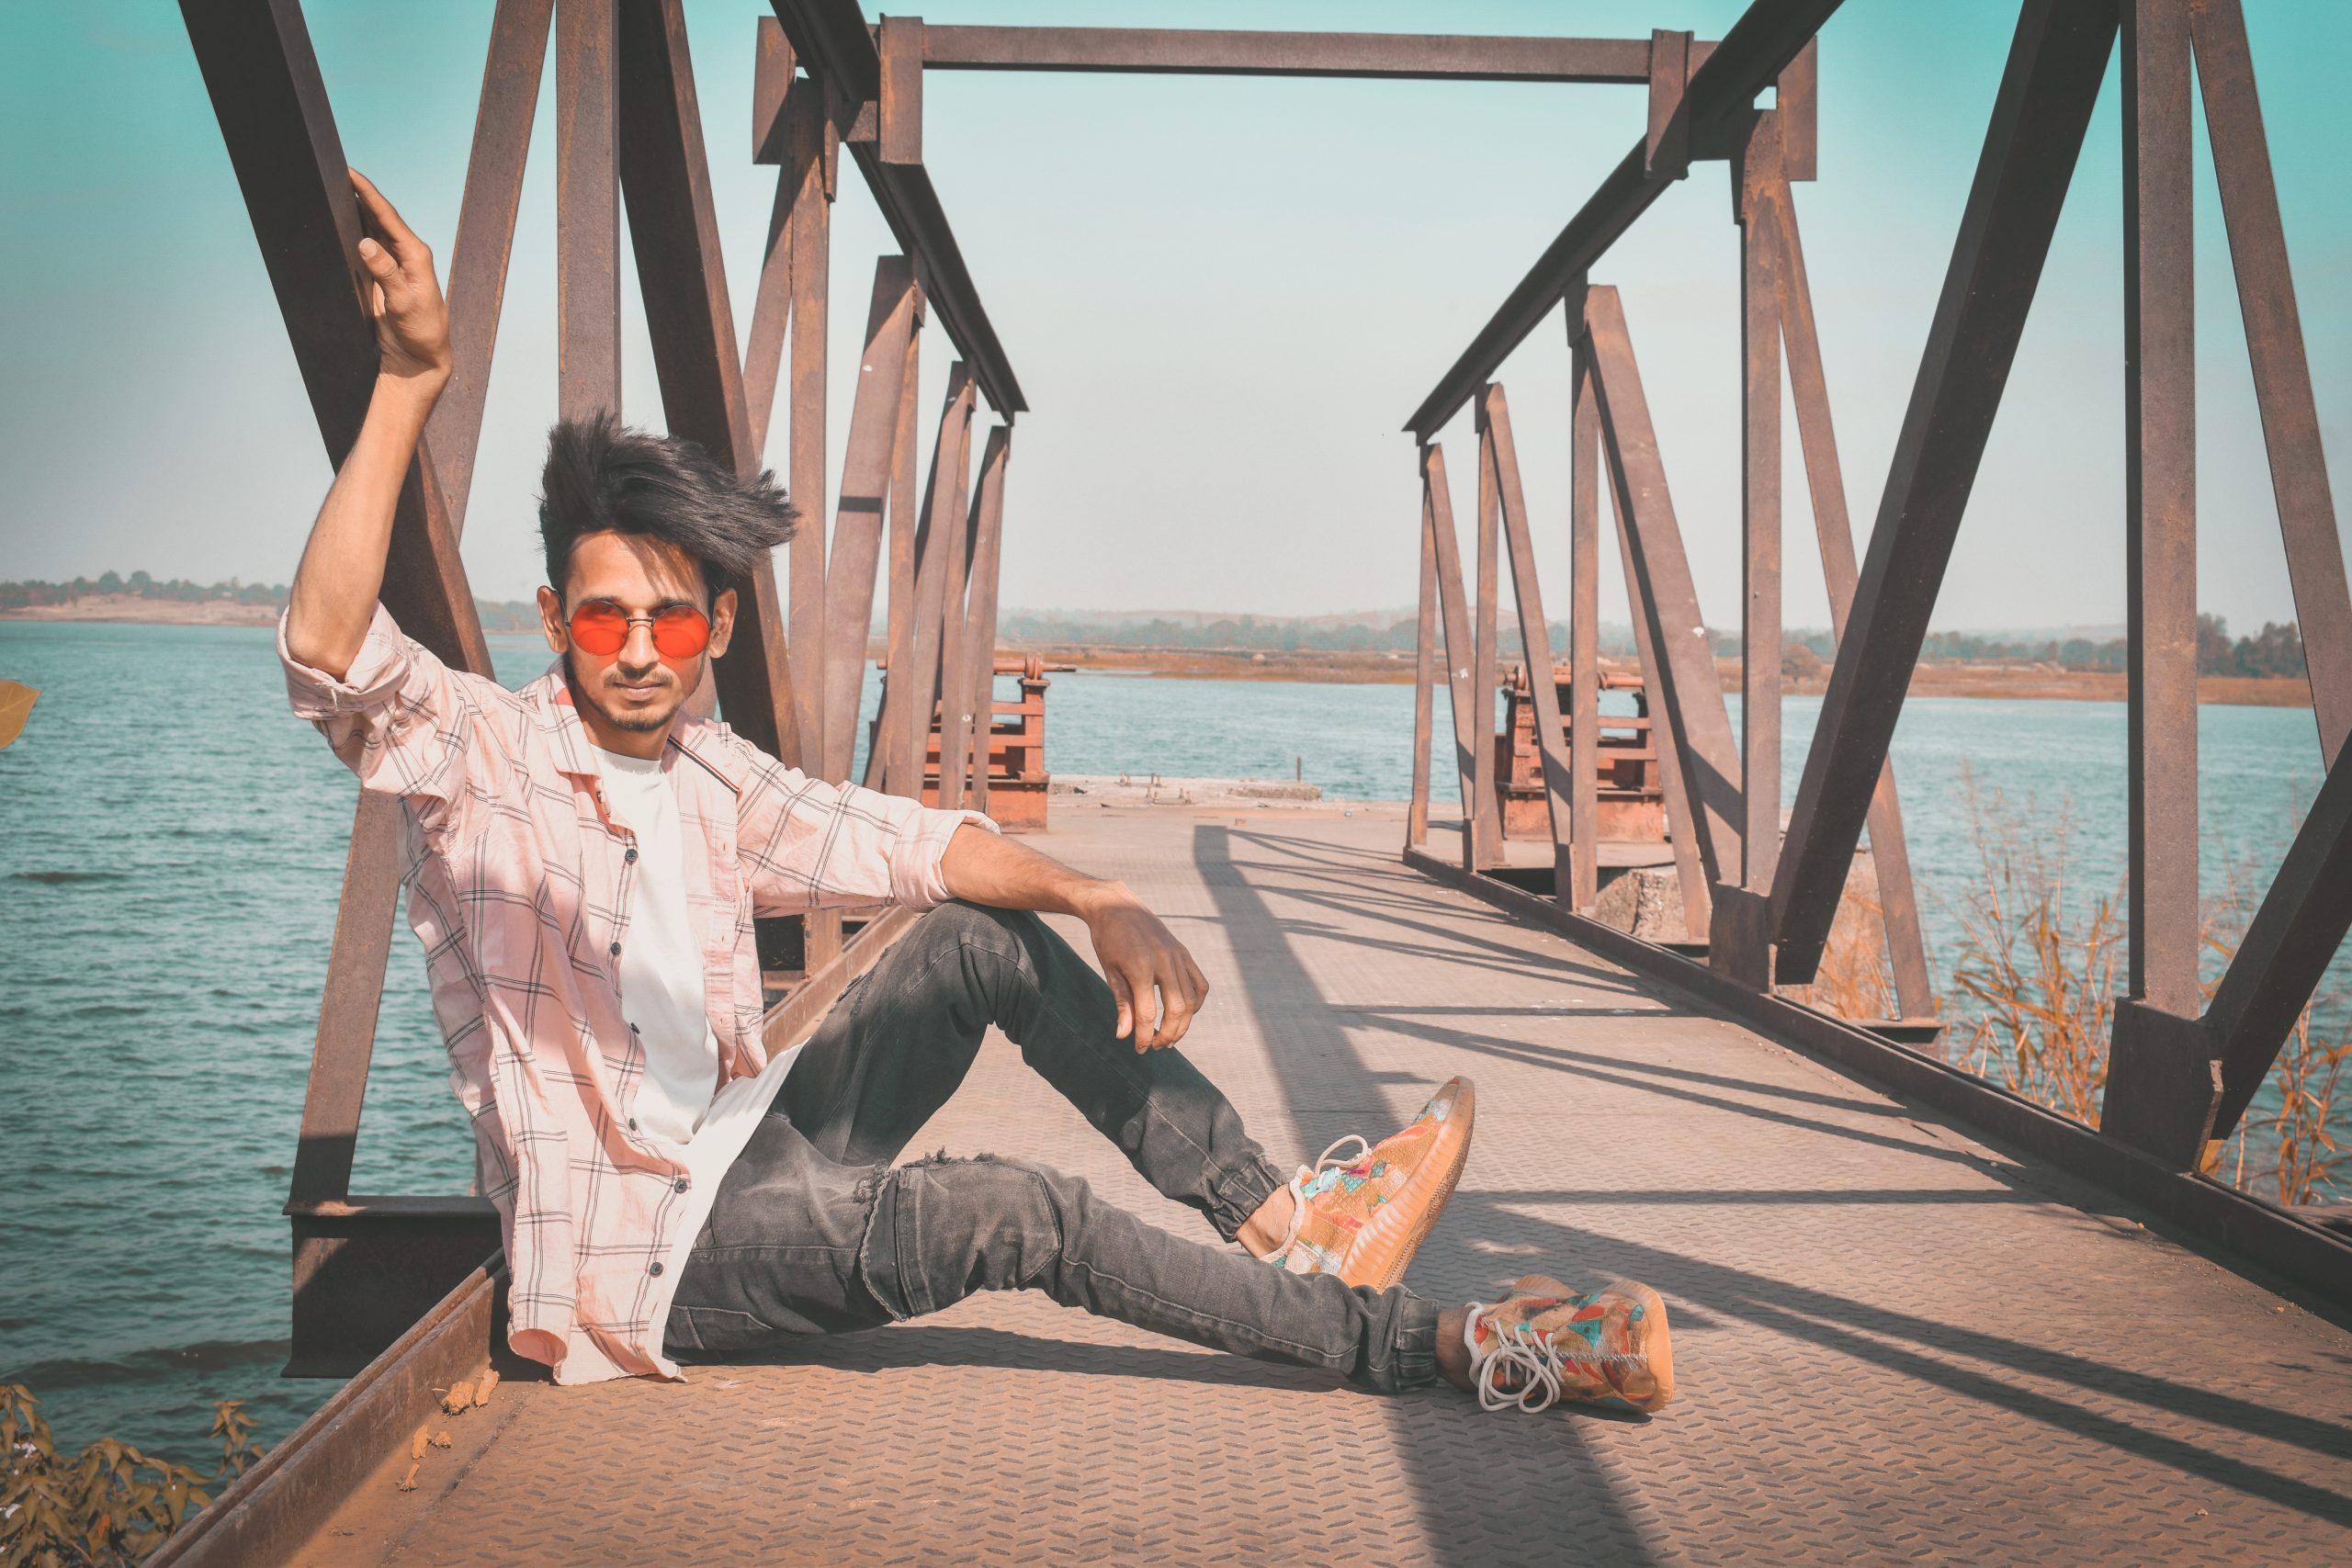 A boy sitting on a bridge